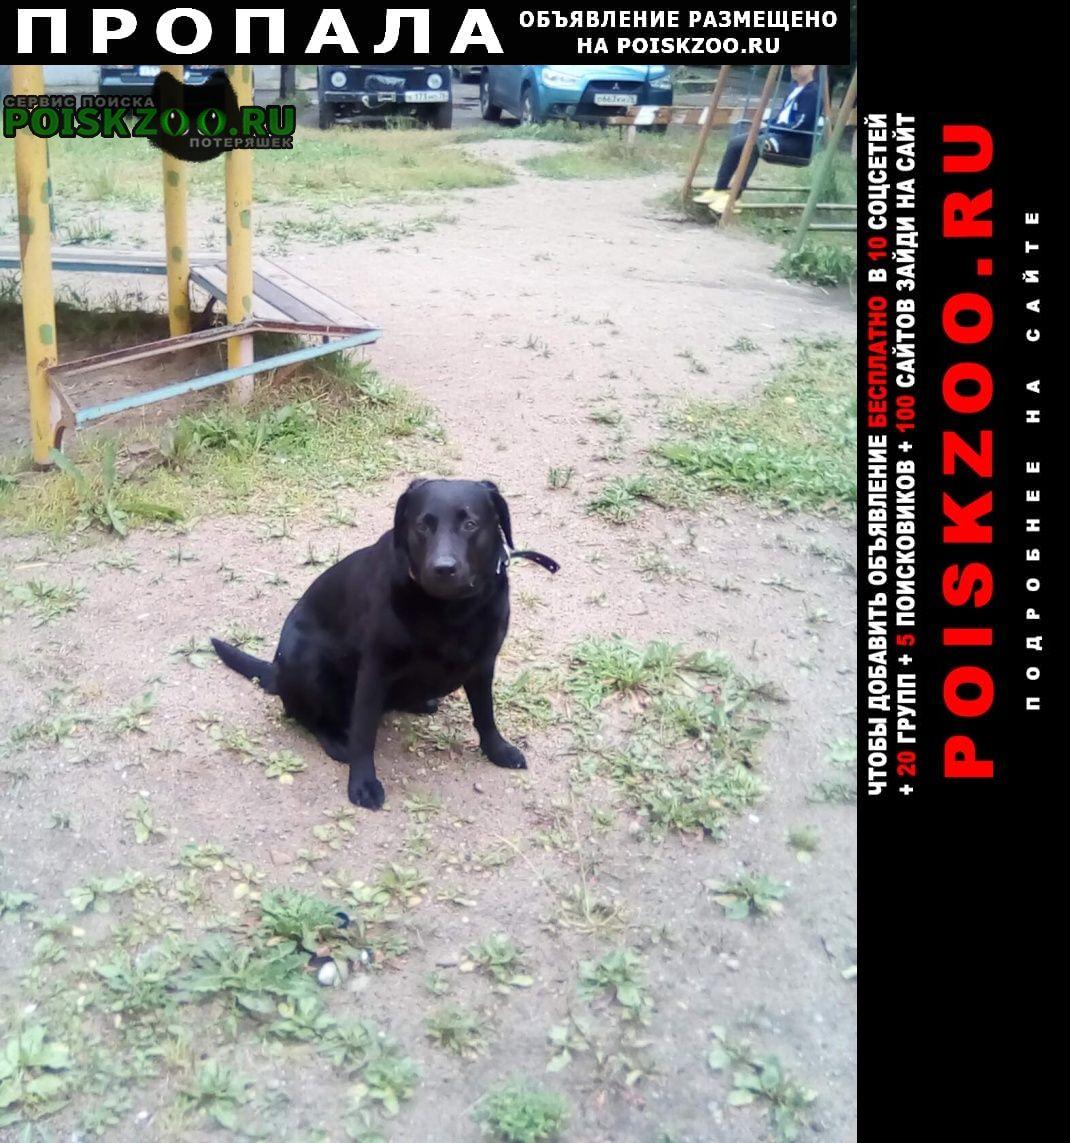 Пропала собака чёрный лабрадор Ярославль